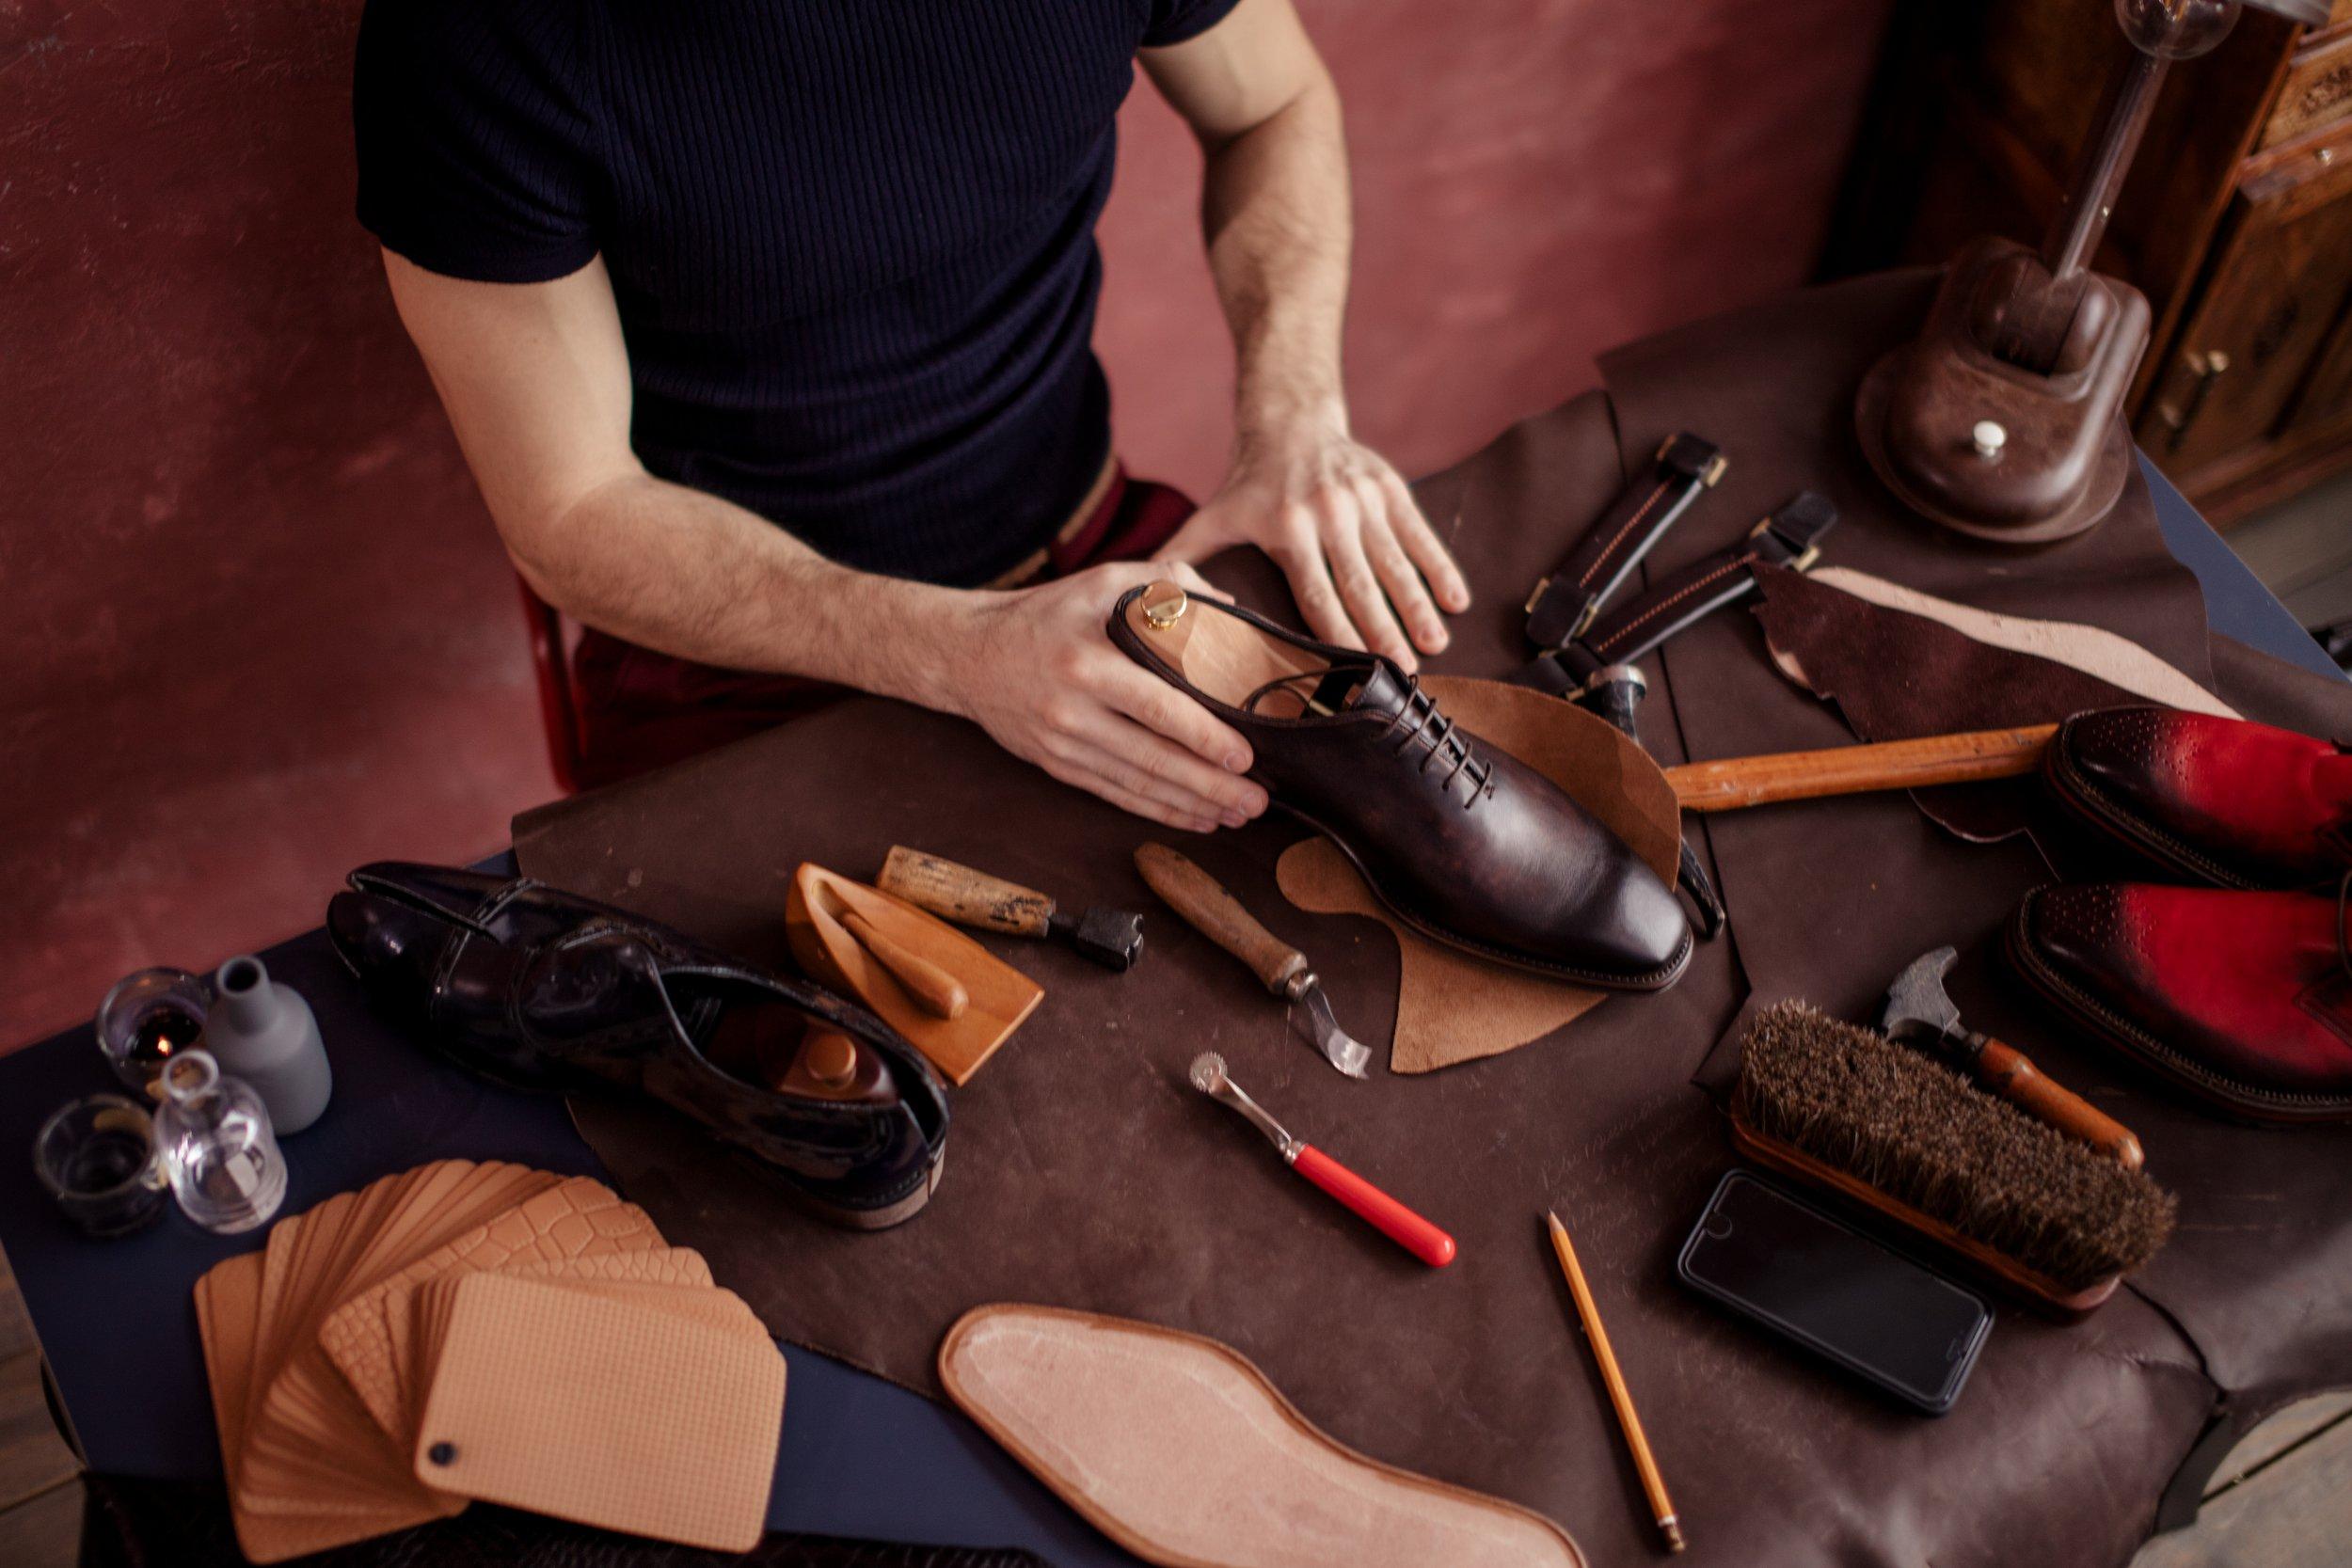 Locksmith and shoe repair shop | Šiška | Supernova